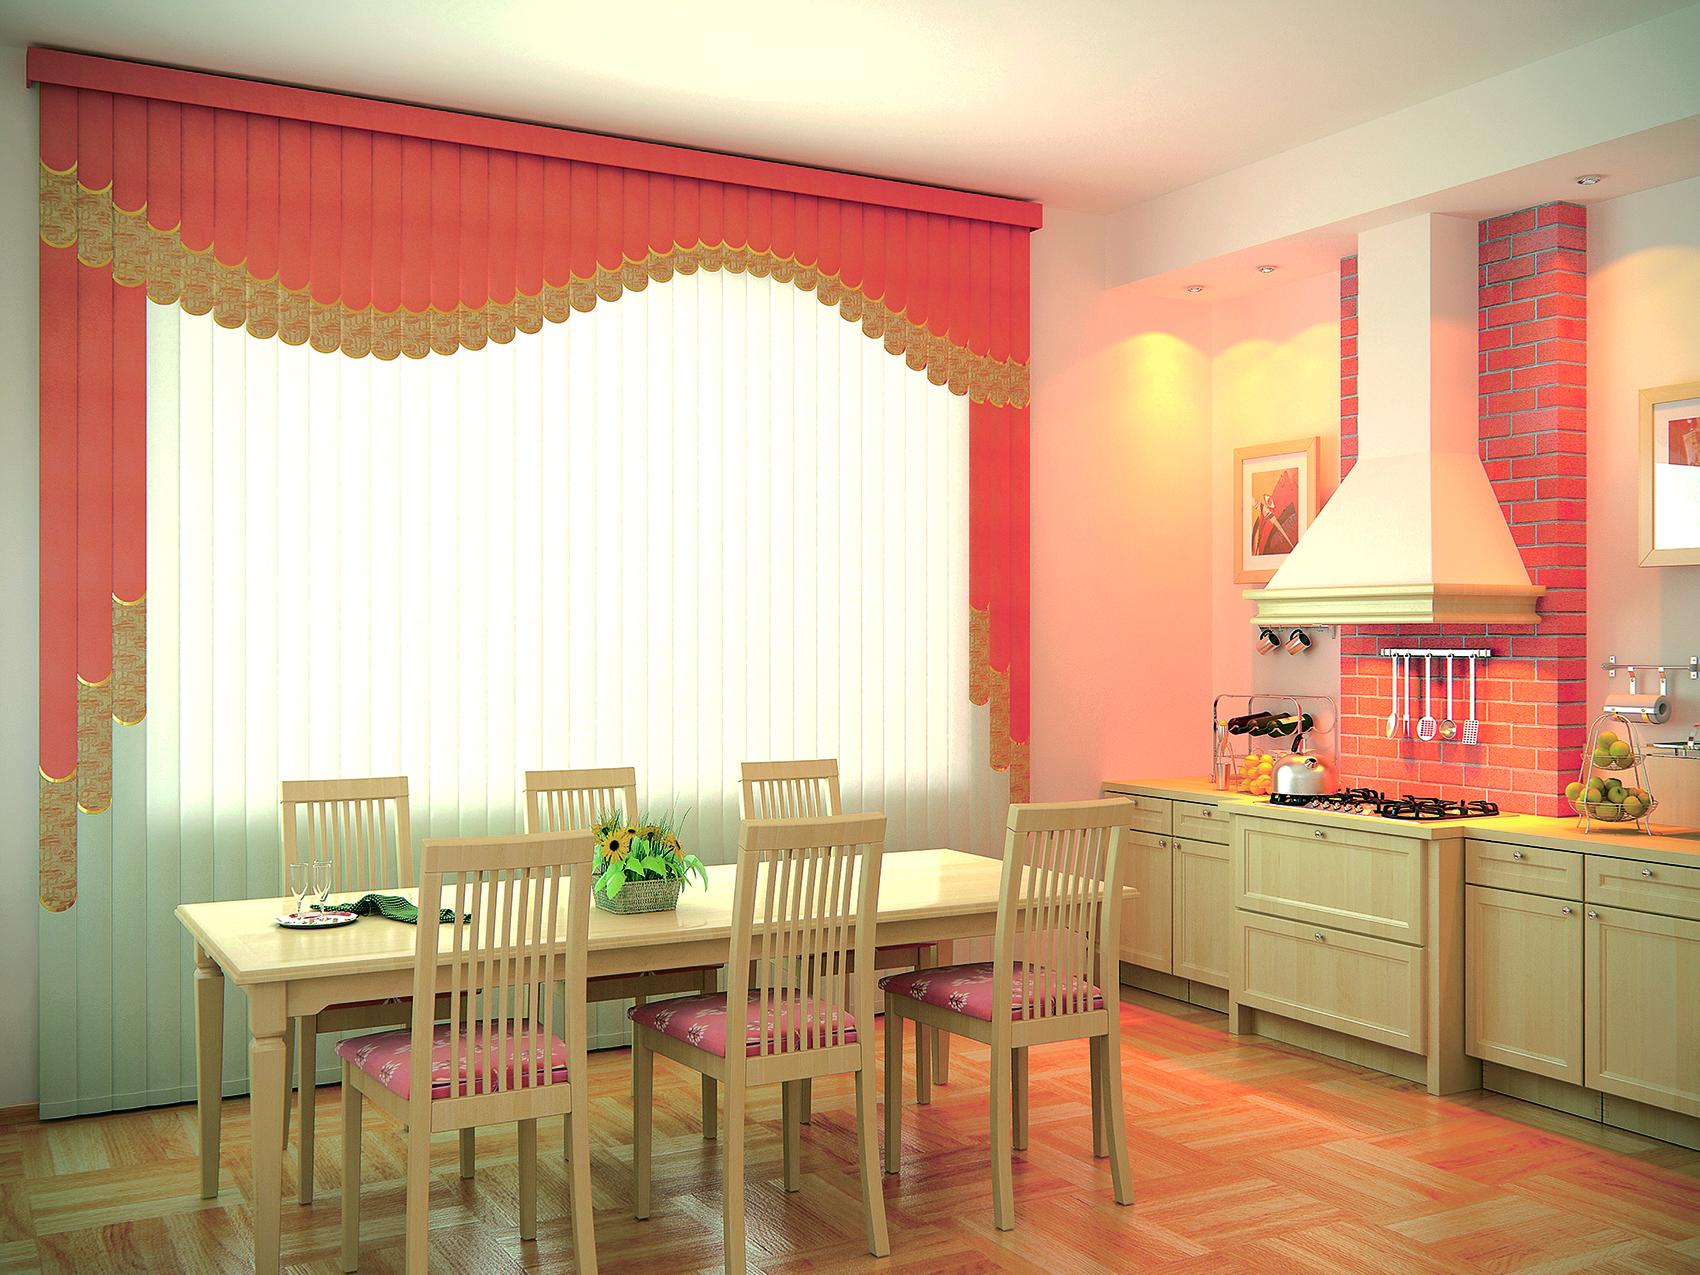 дизайн кухни с жалюзи фото скачать распечатать раскраски